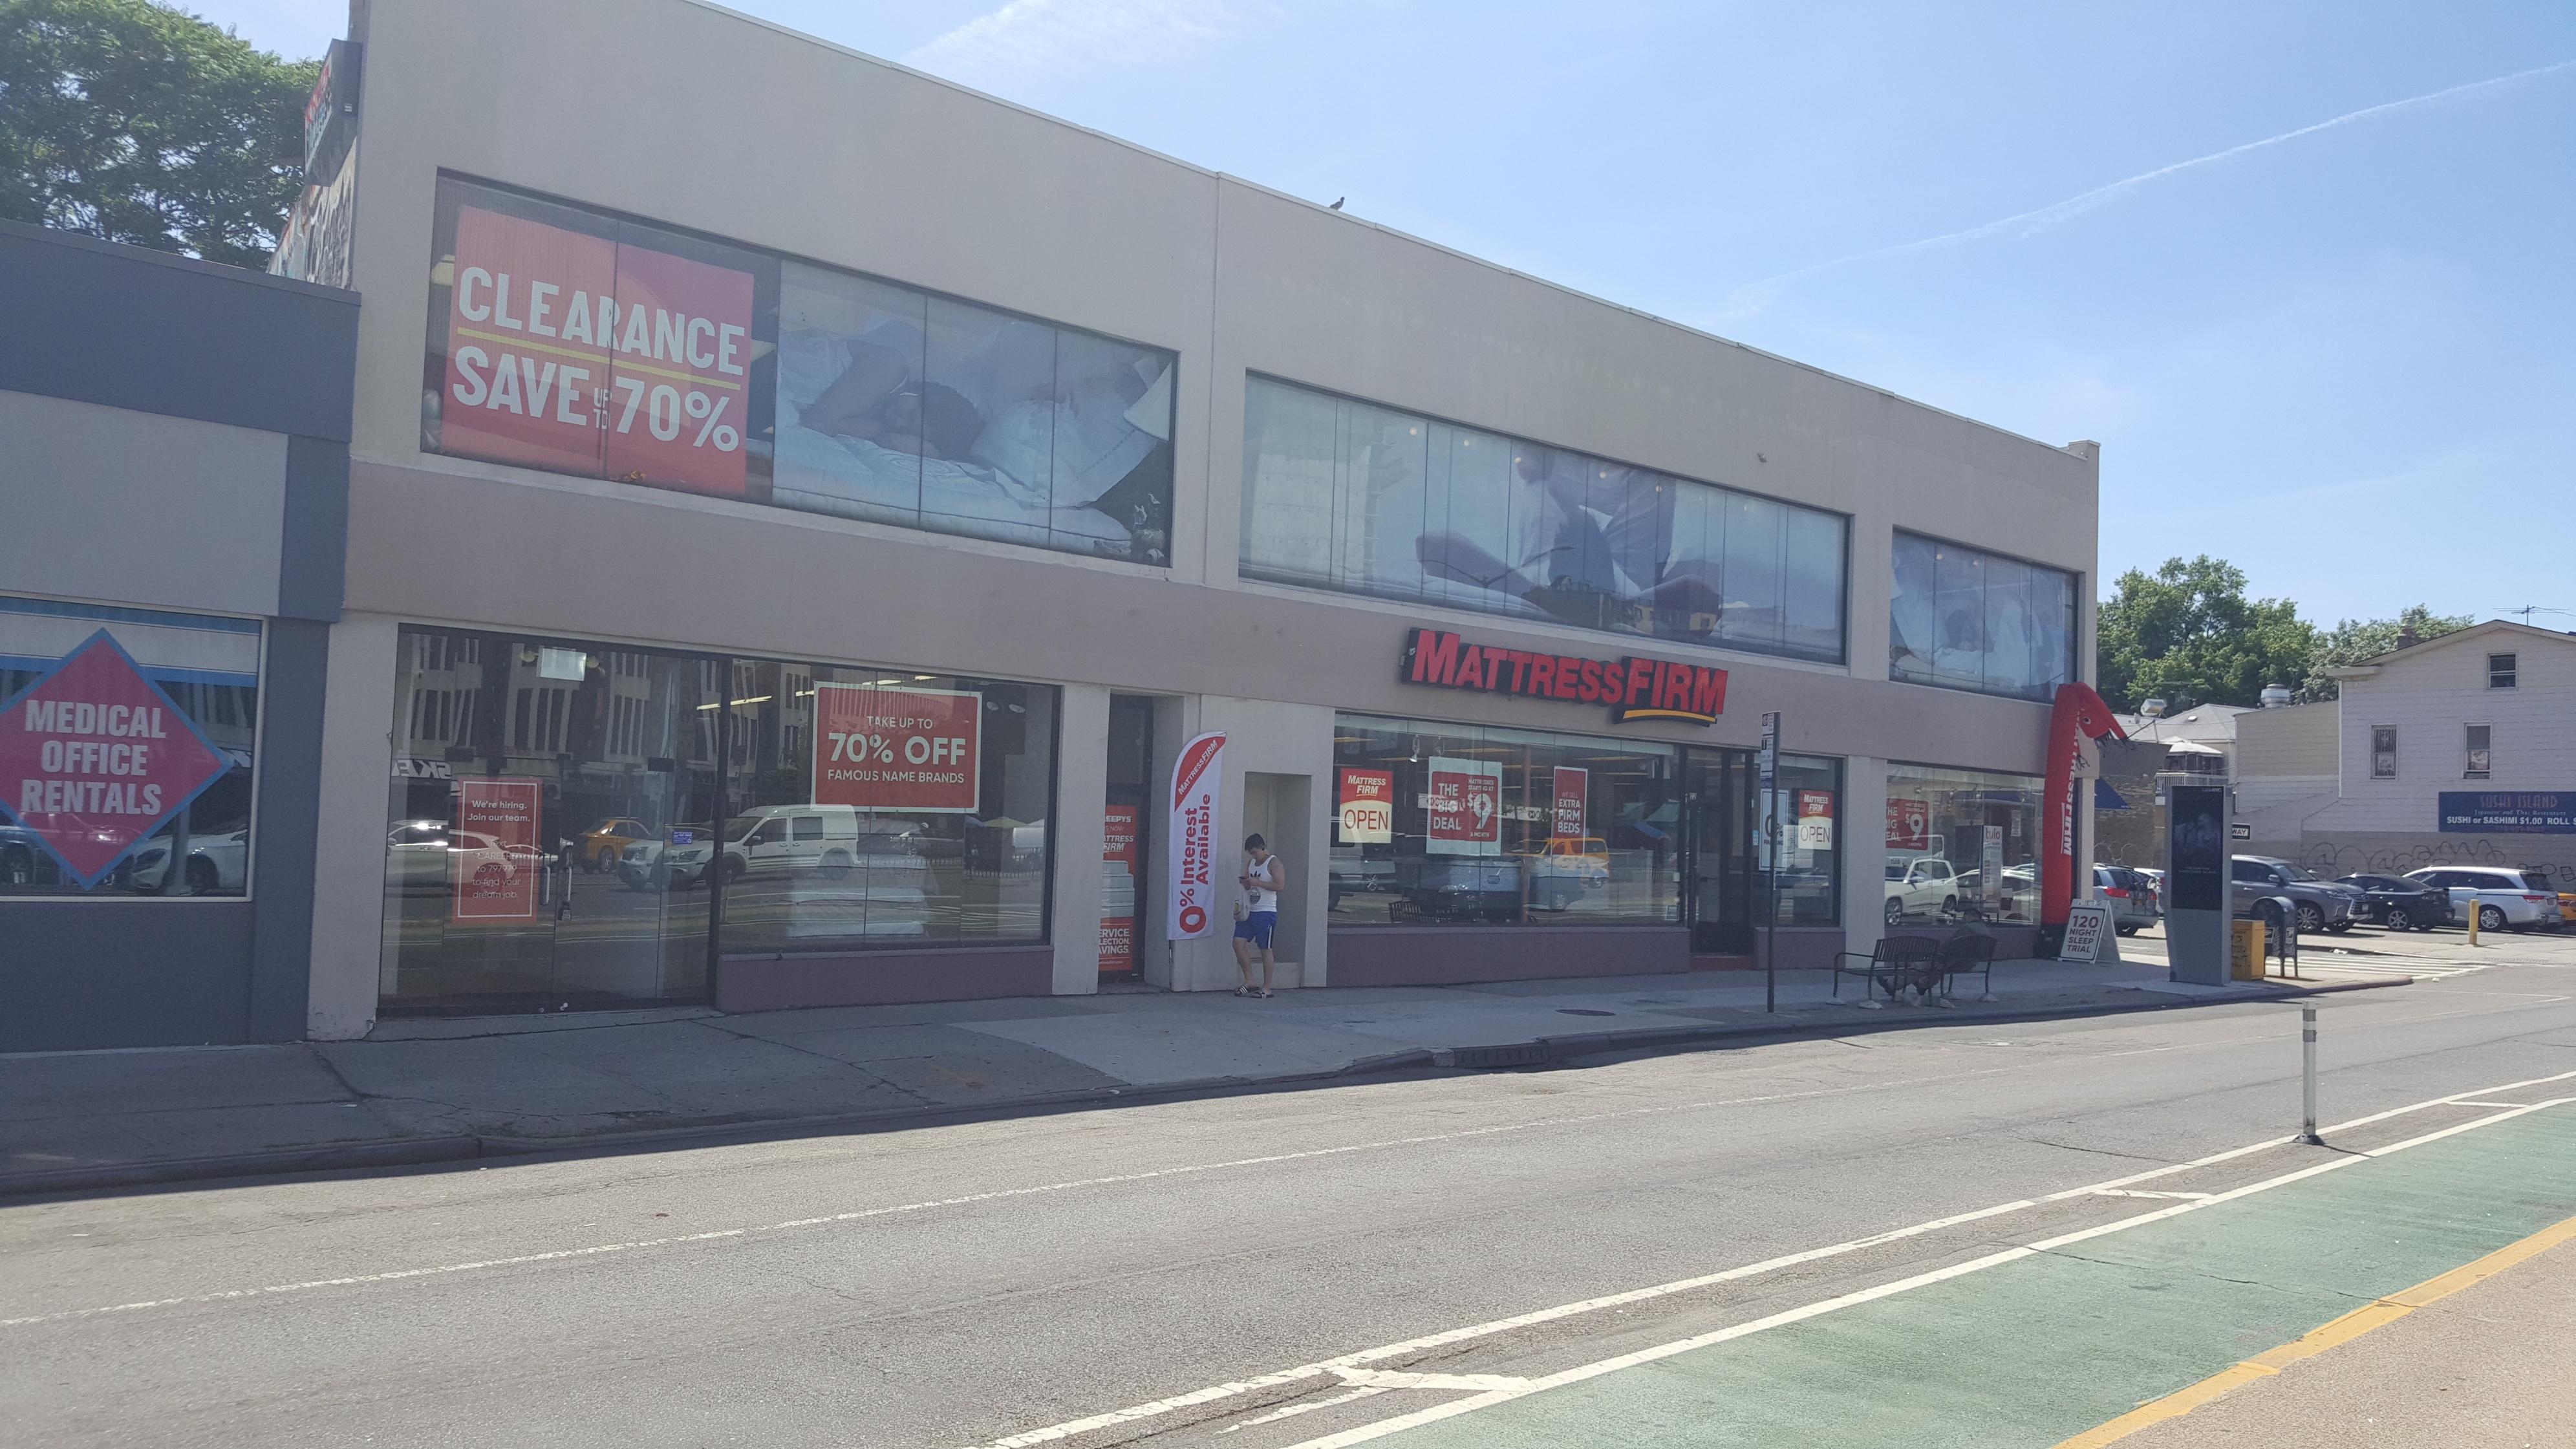 Mattress Firm Elmhurst Clearance image 4